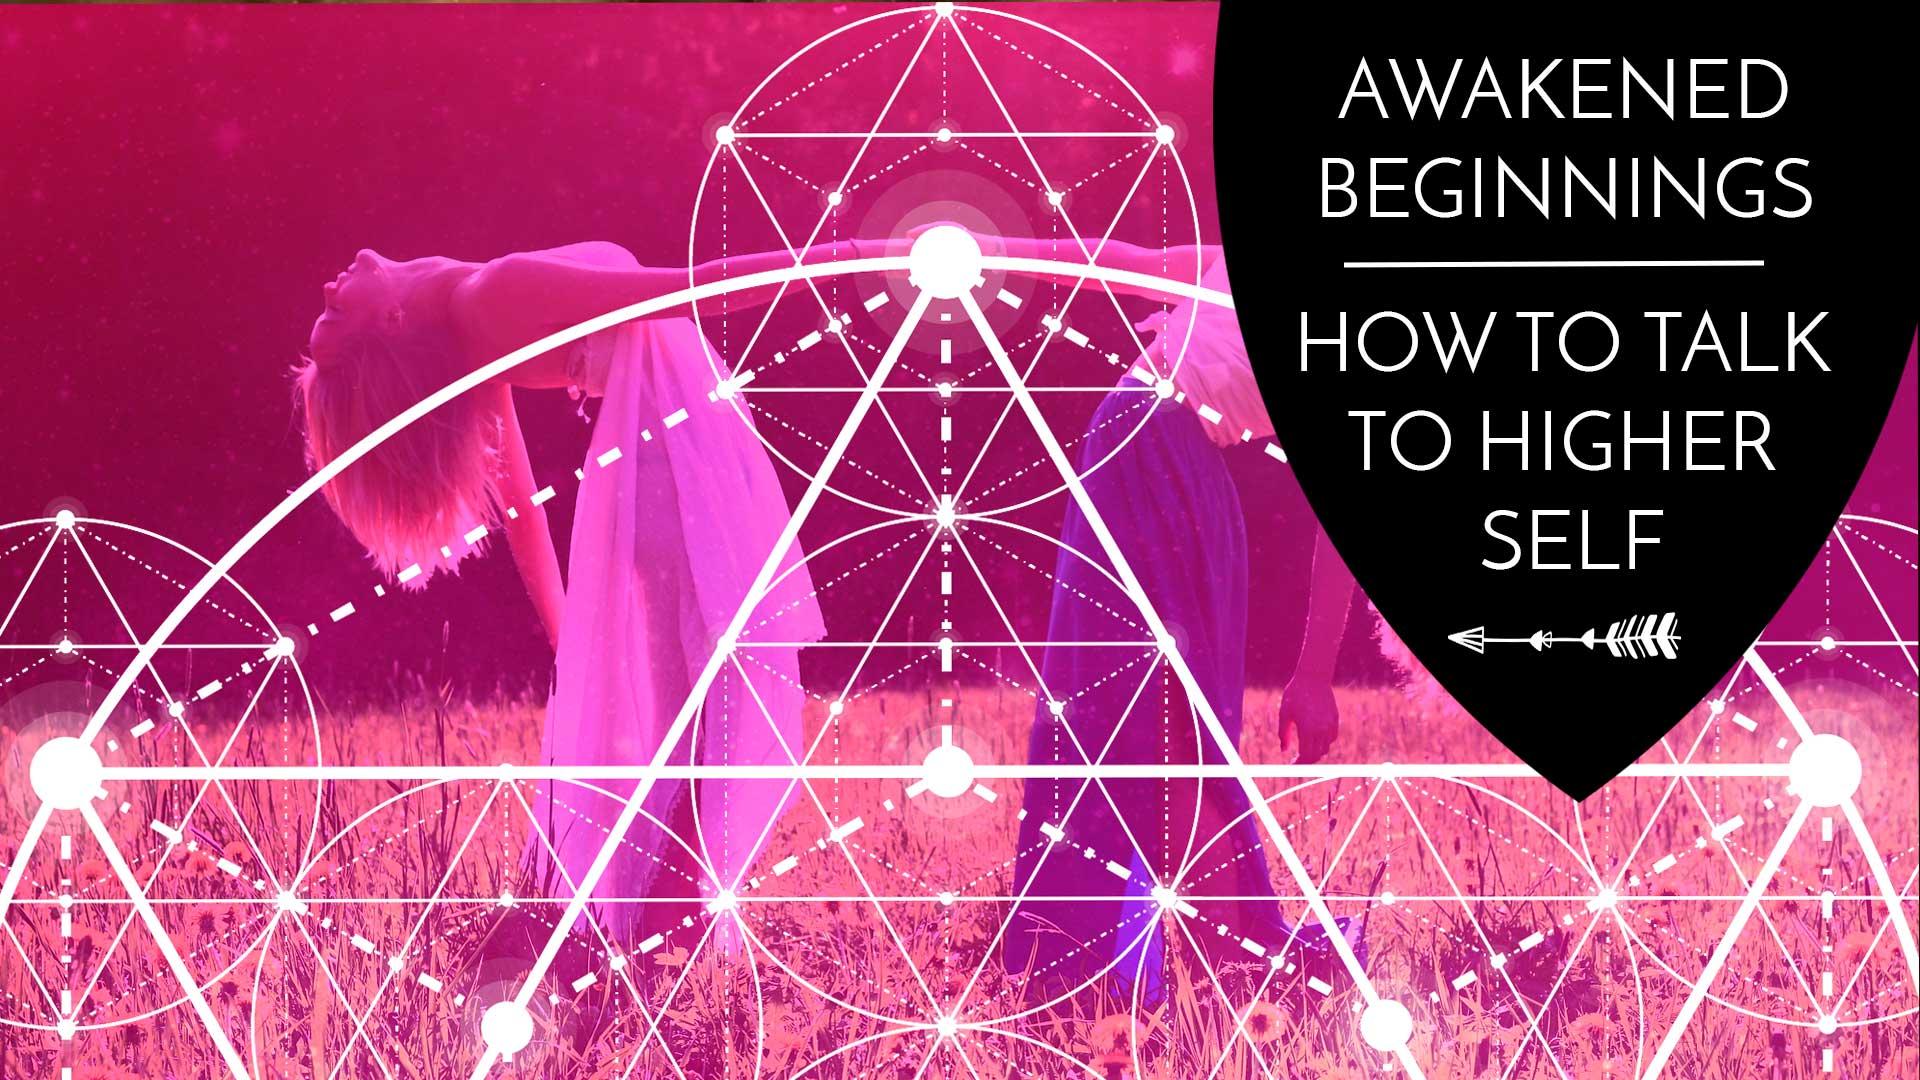 Awakened beginnings how to talk to higher self the awakened state biocorpaavc